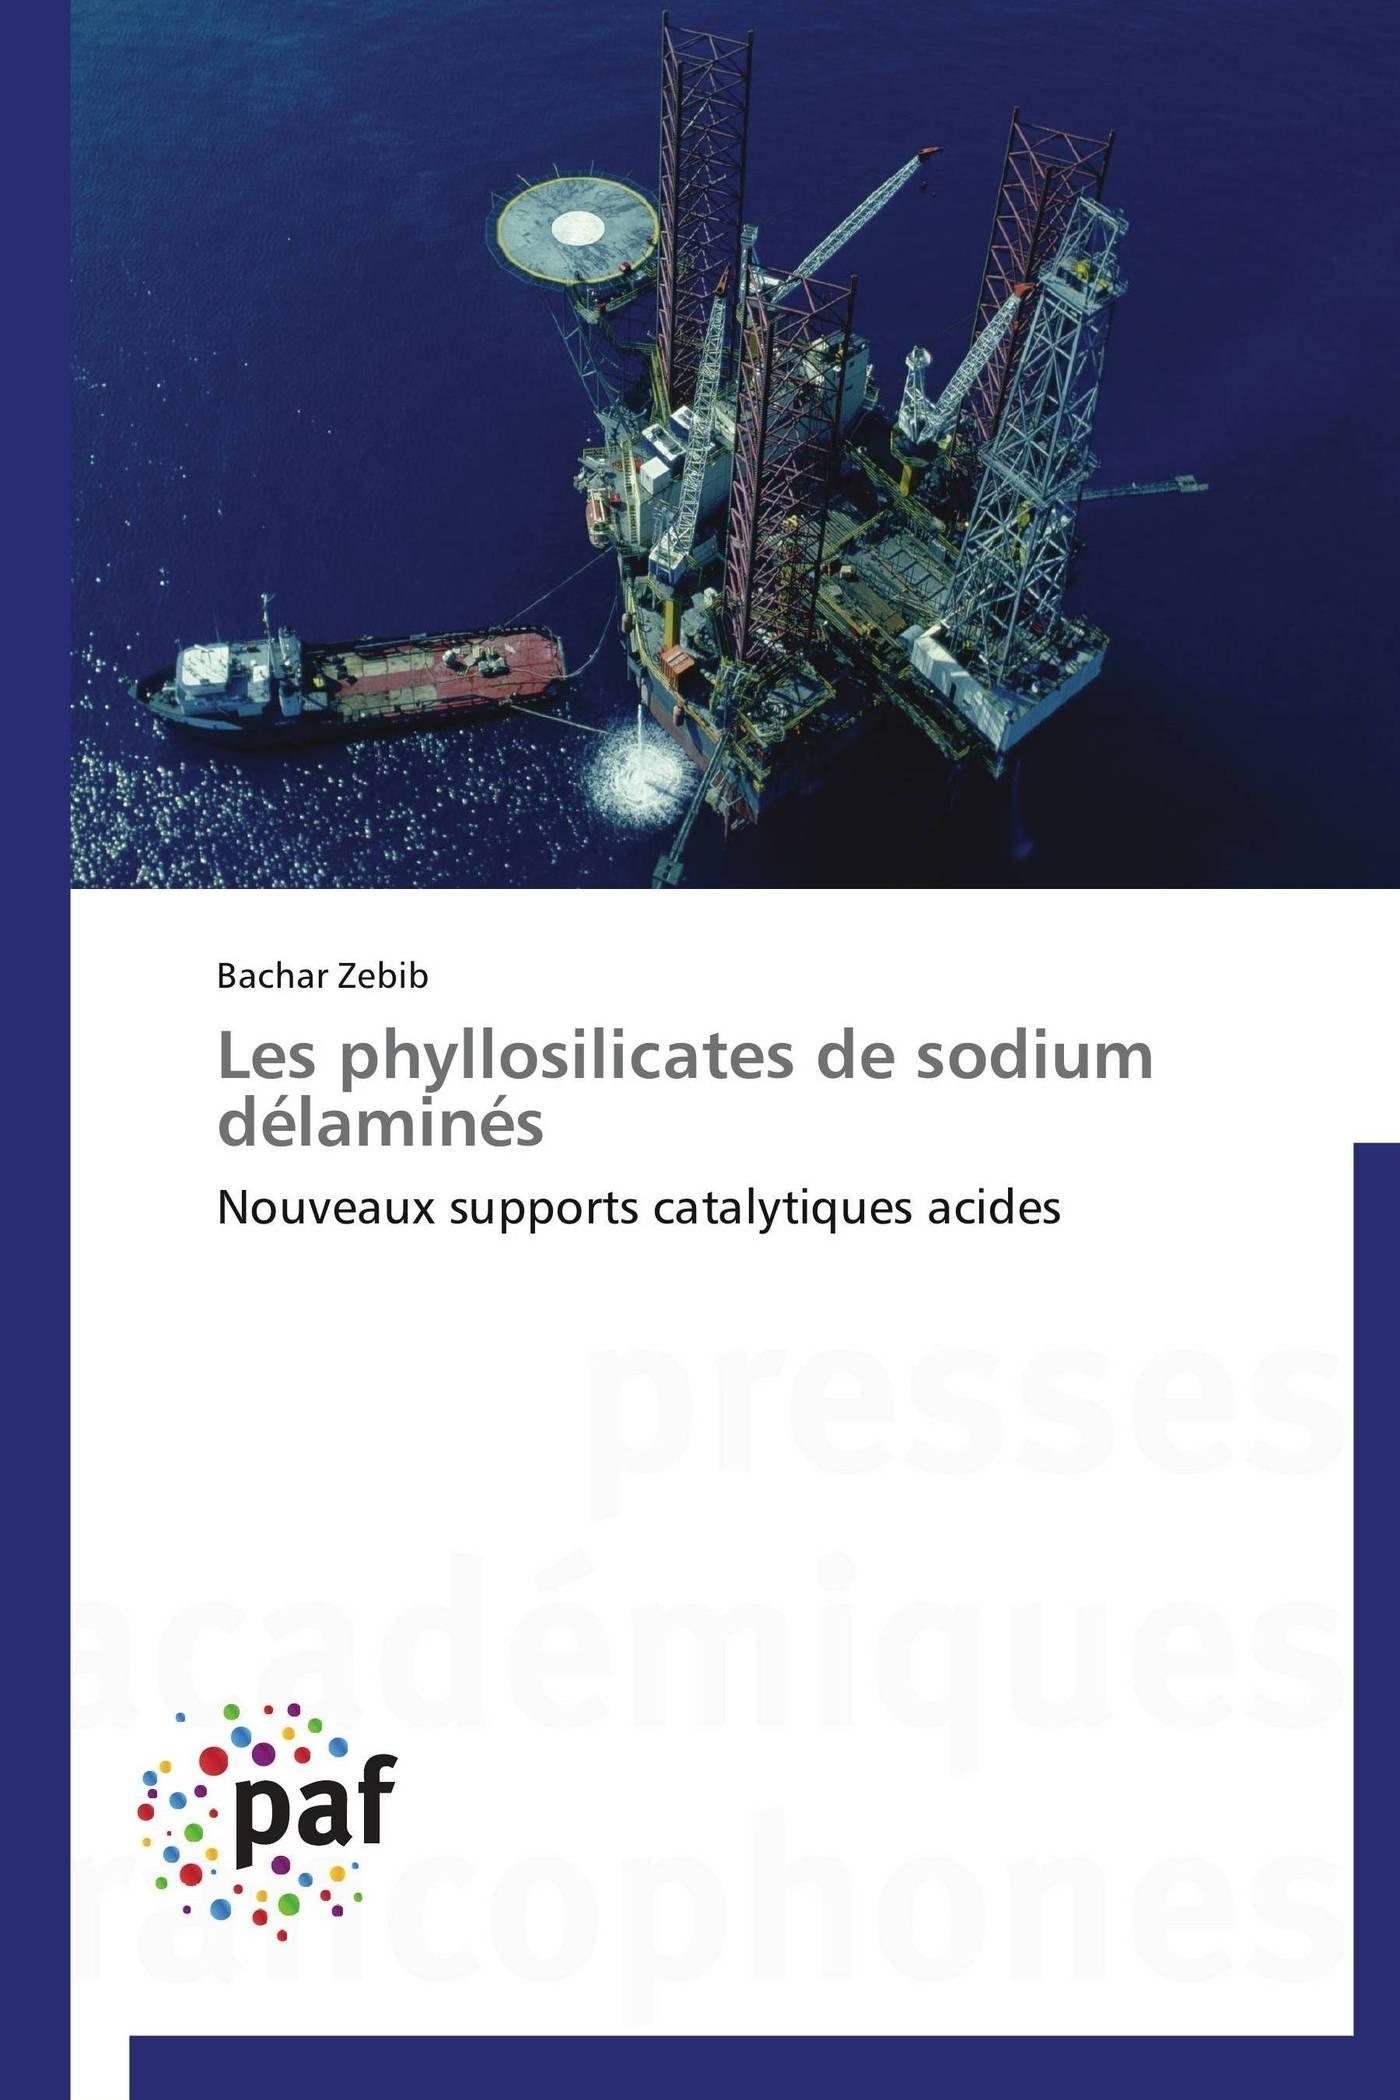 LES PHYLLOSILICATES DE SODIUM DELAMINES